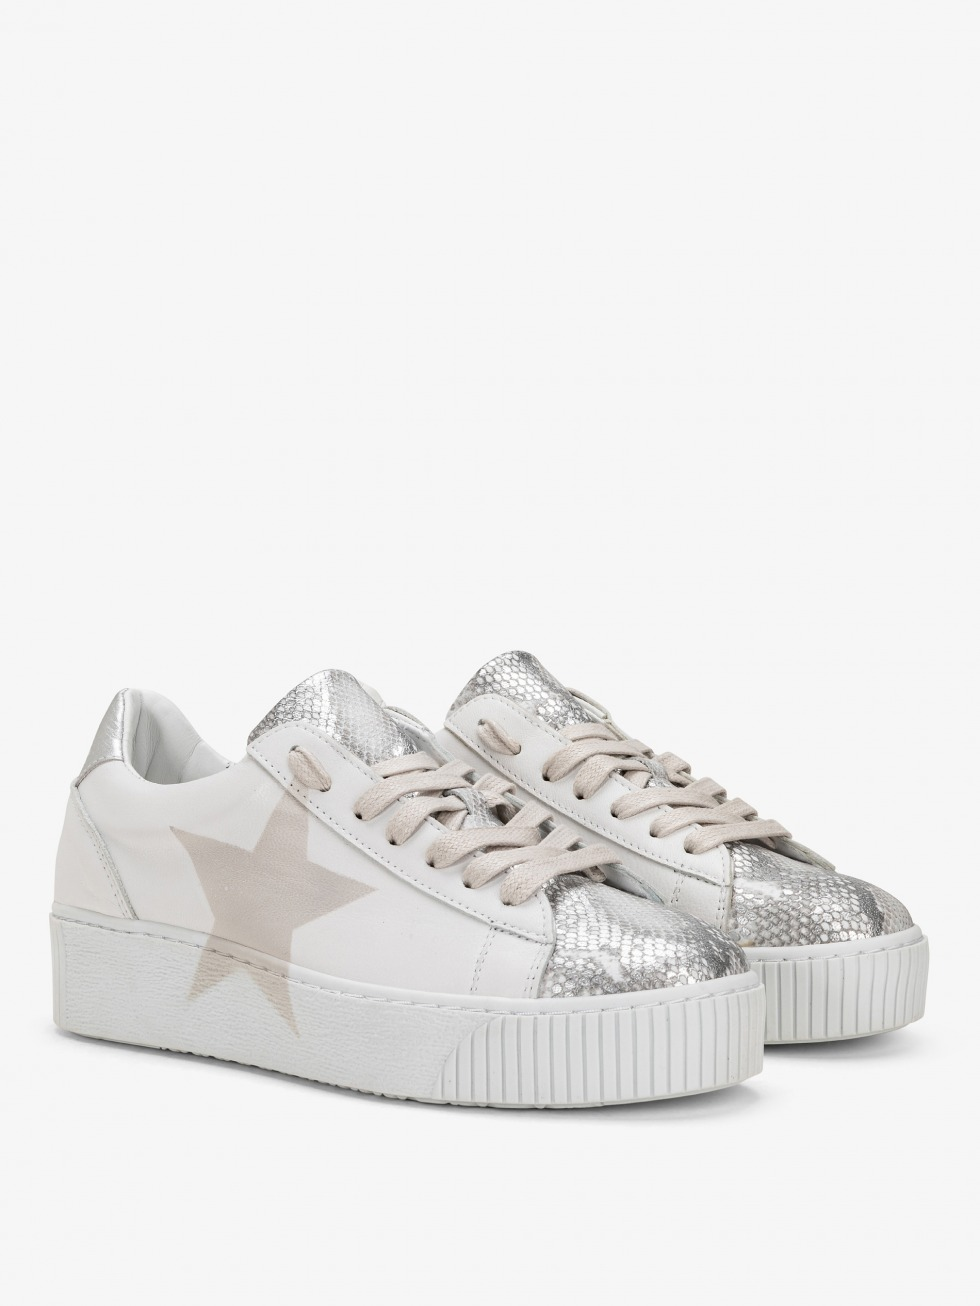 Cosmopolitan Sneakers - White Python Star